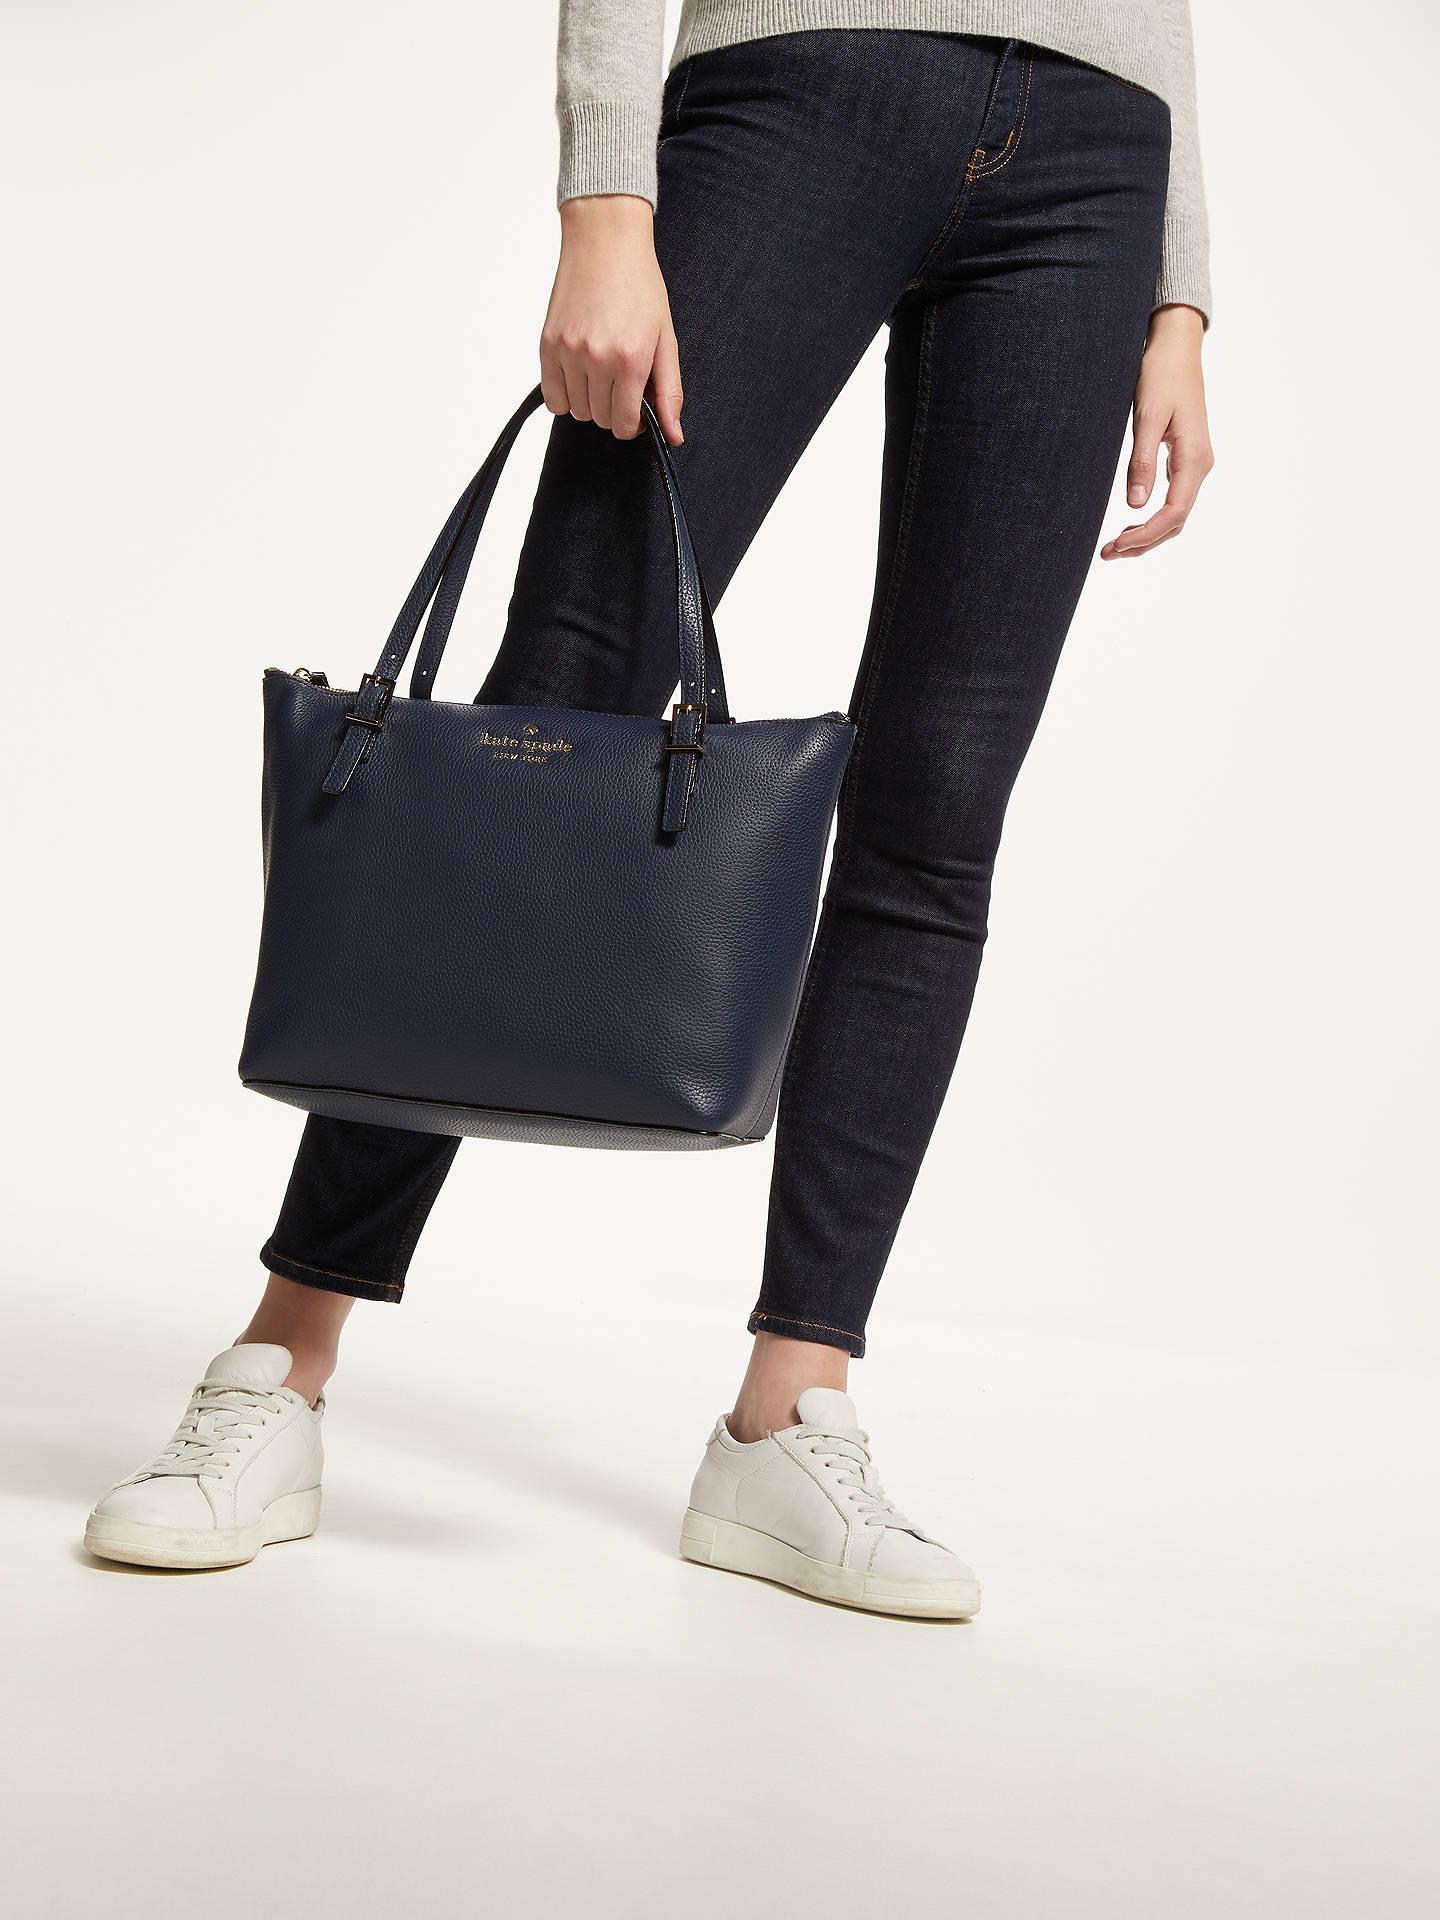 0594500df7c ... Buy kate spade new york Watson Lane Maya Leather Tote Bag